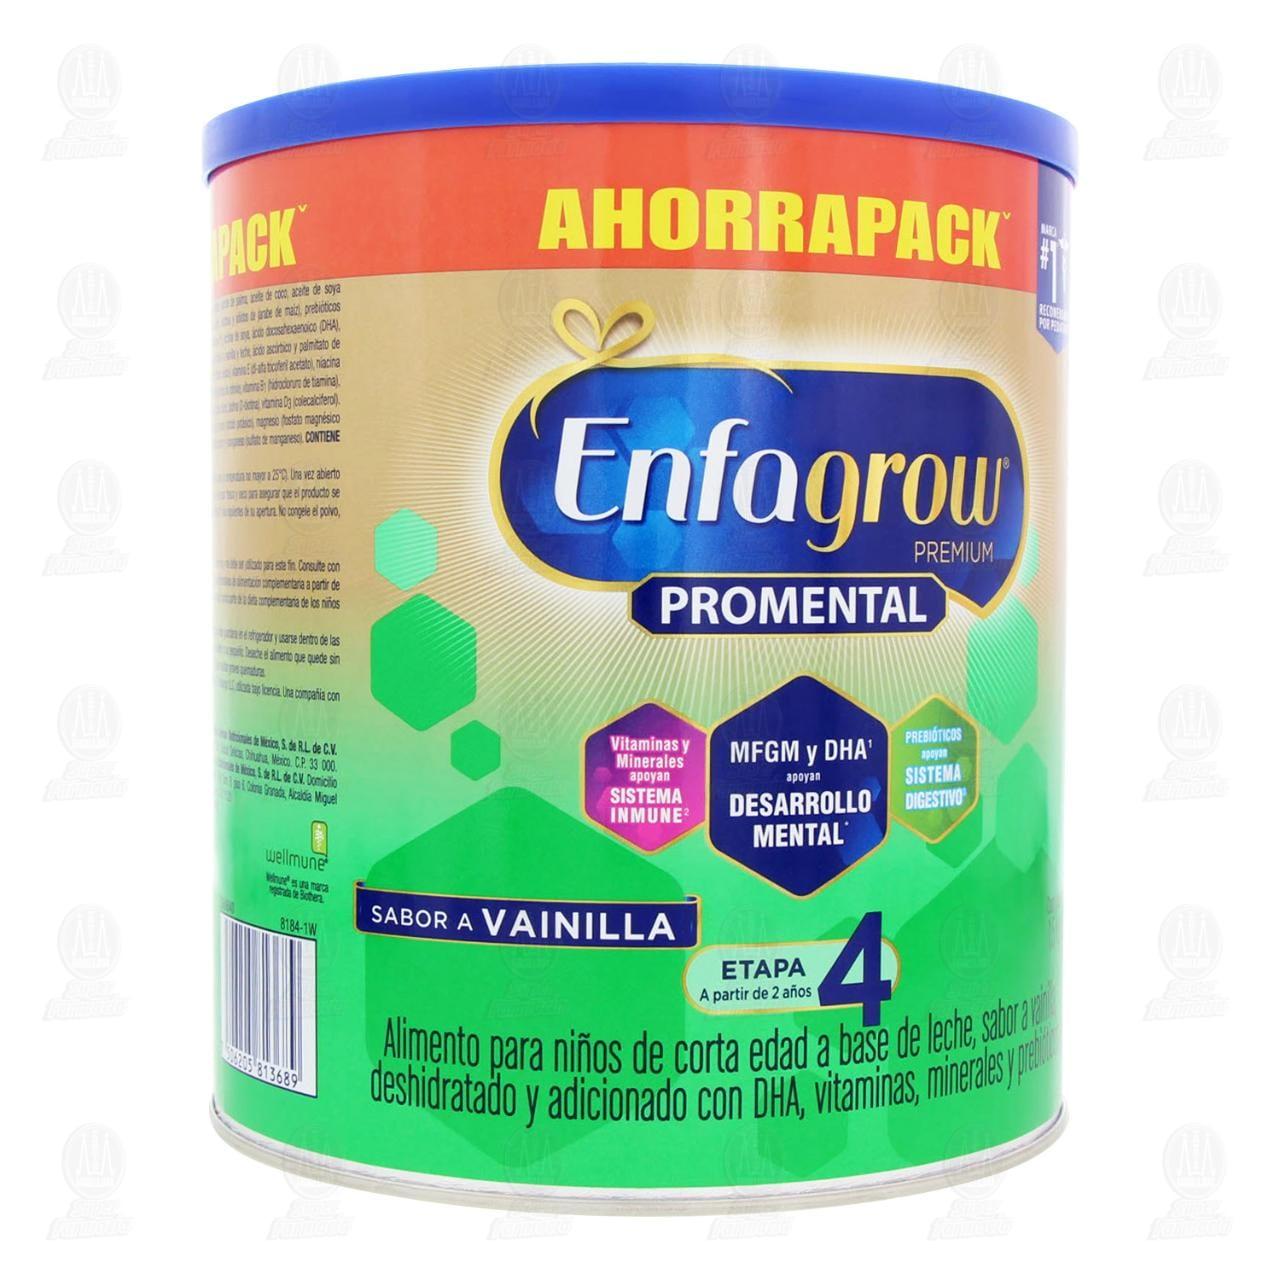 comprar https://www.movil.farmaciasguadalajara.com/wcsstore/FGCAS/wcs/products/1353888_A_1280_AL.jpg en farmacias guadalajara